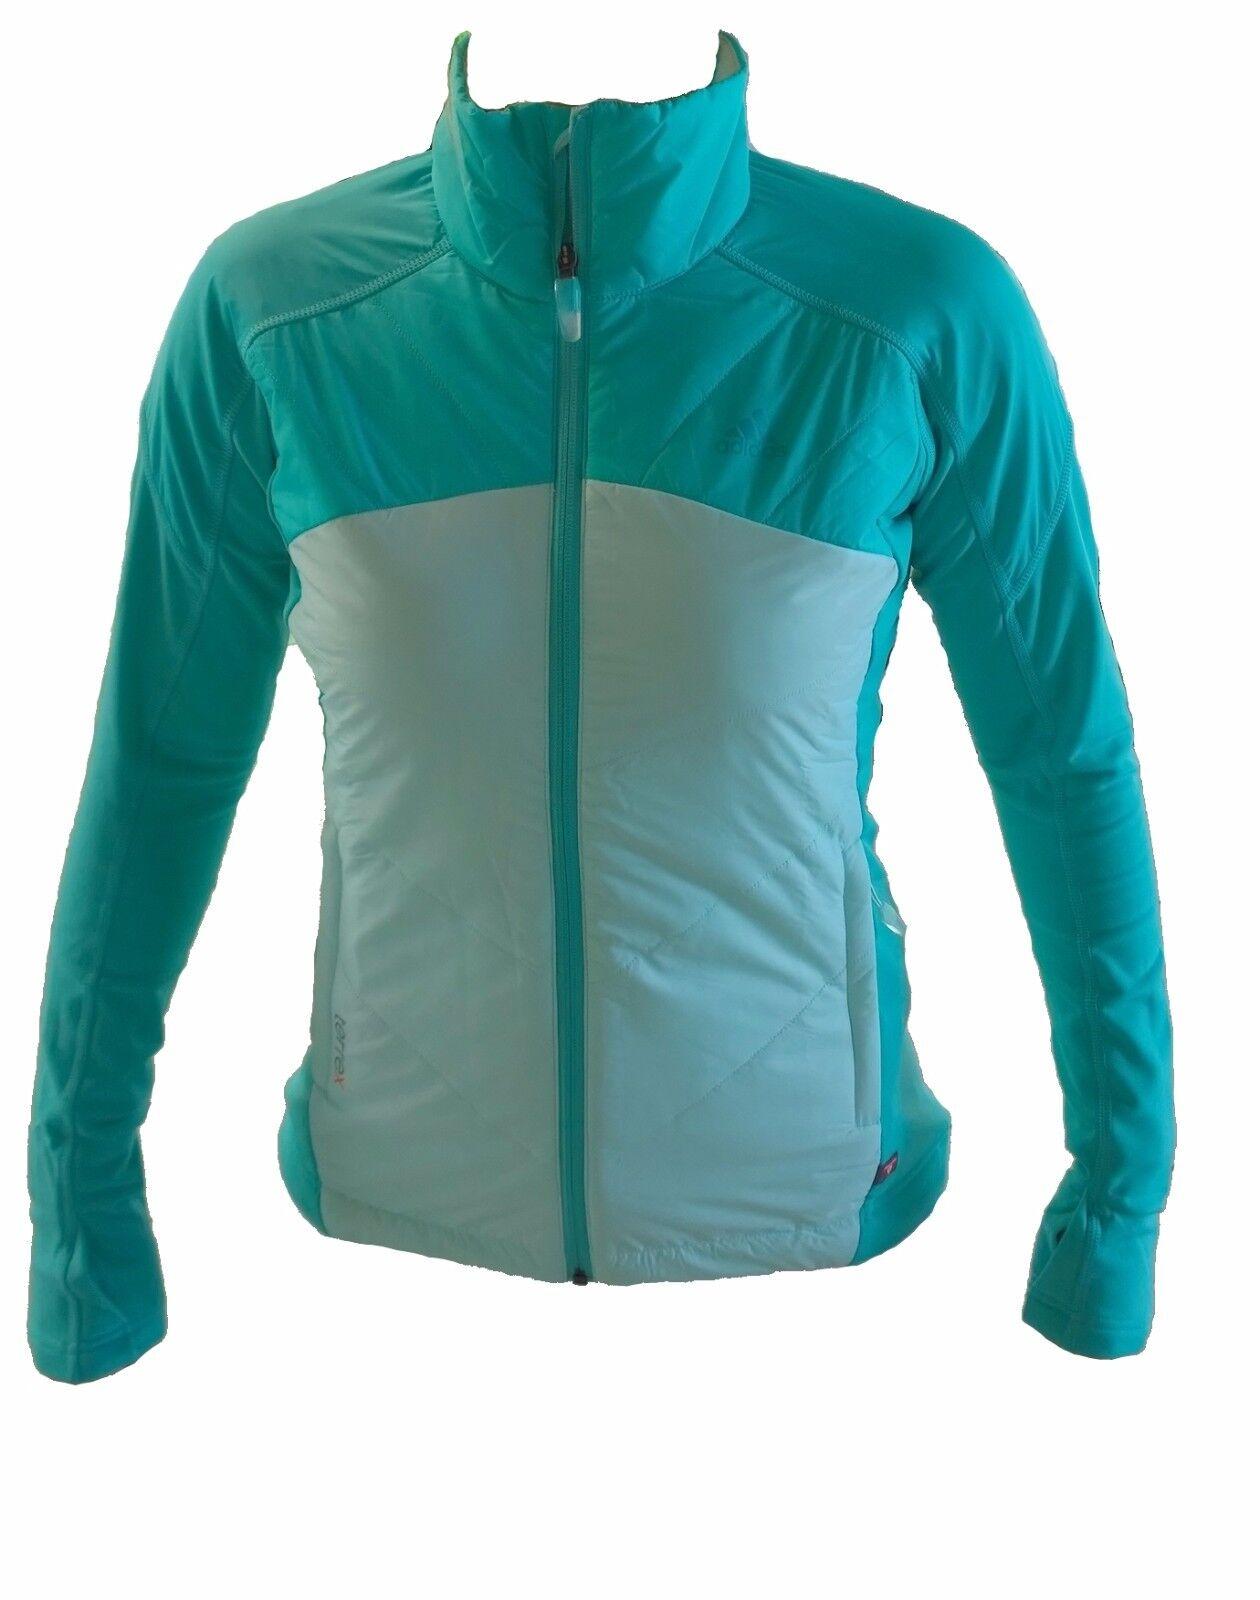 Adidas Damen Jacke Laufjacke Trainingsjacke Sportjacke Gr. 32-44 Mint Skyclimb2